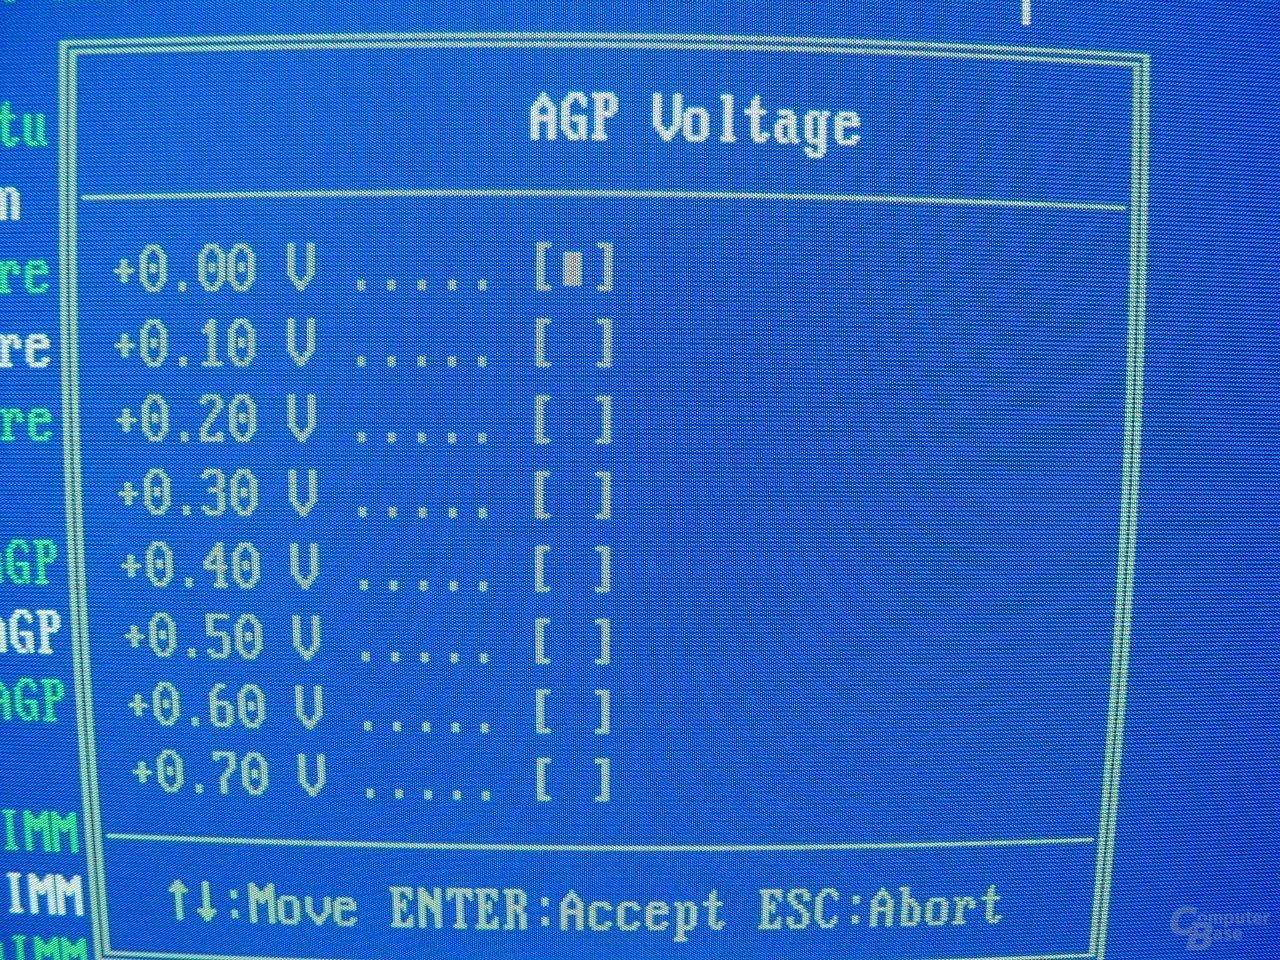 EP-4GEAEI - BIOS - AGP Voltage